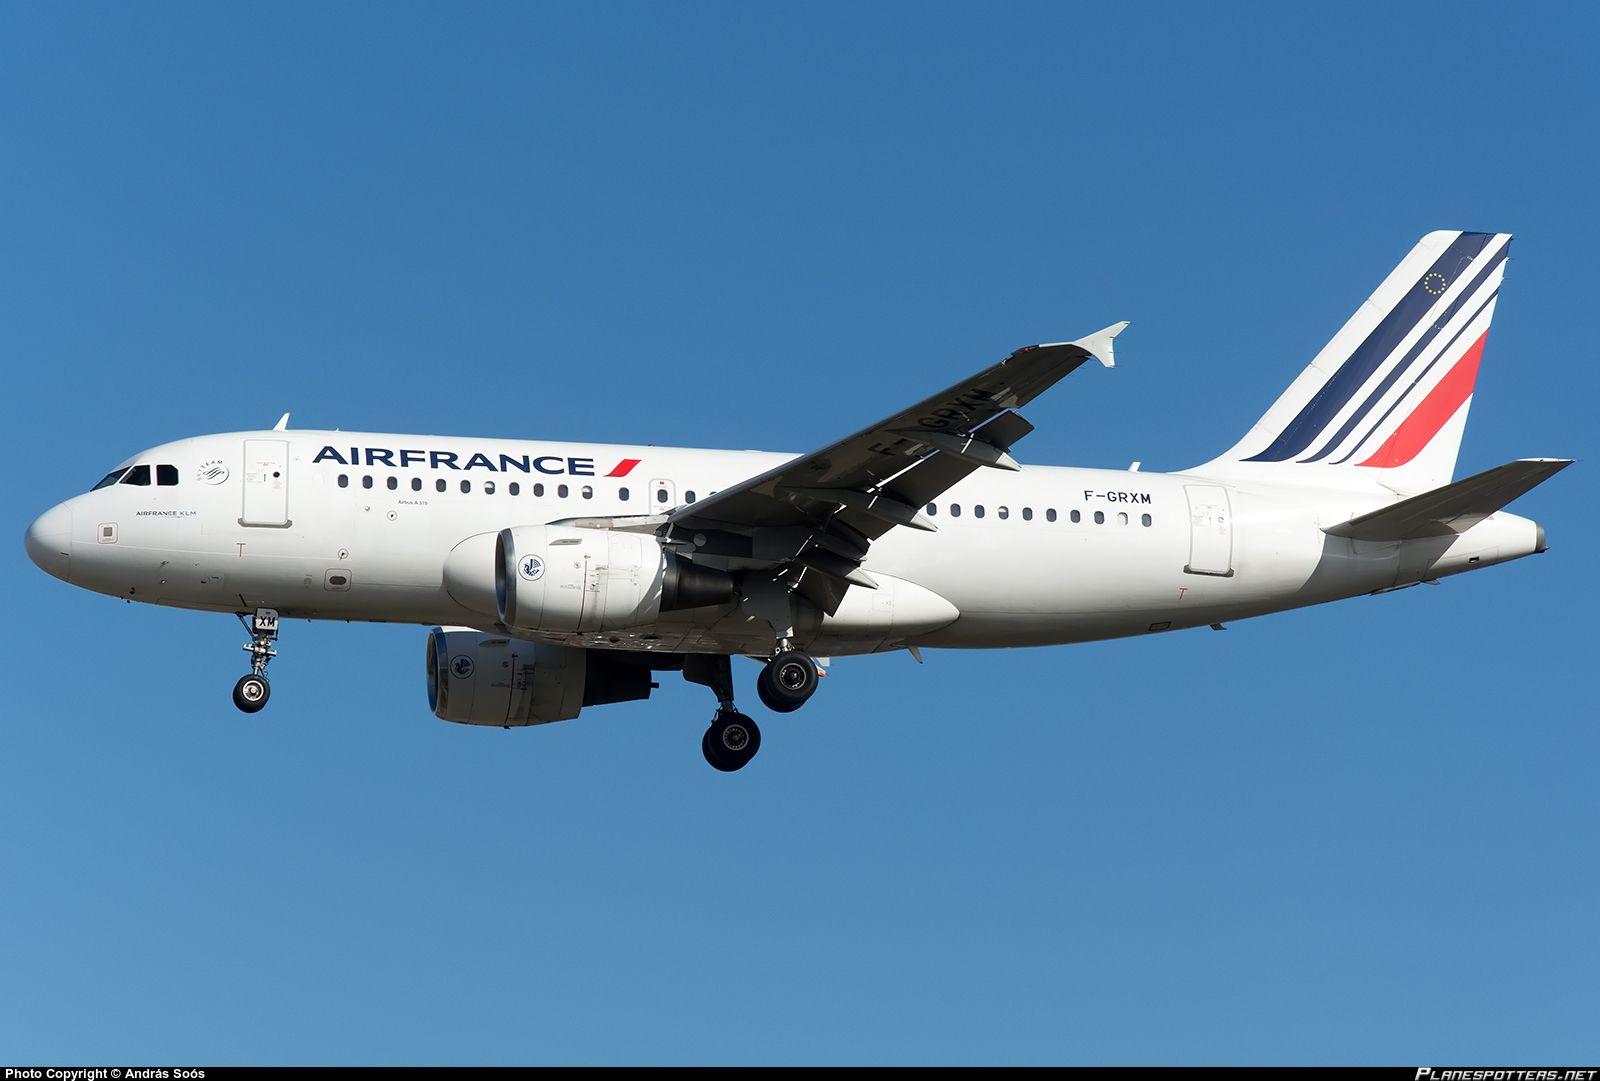 F-GRXM Air France Airbus A319-111